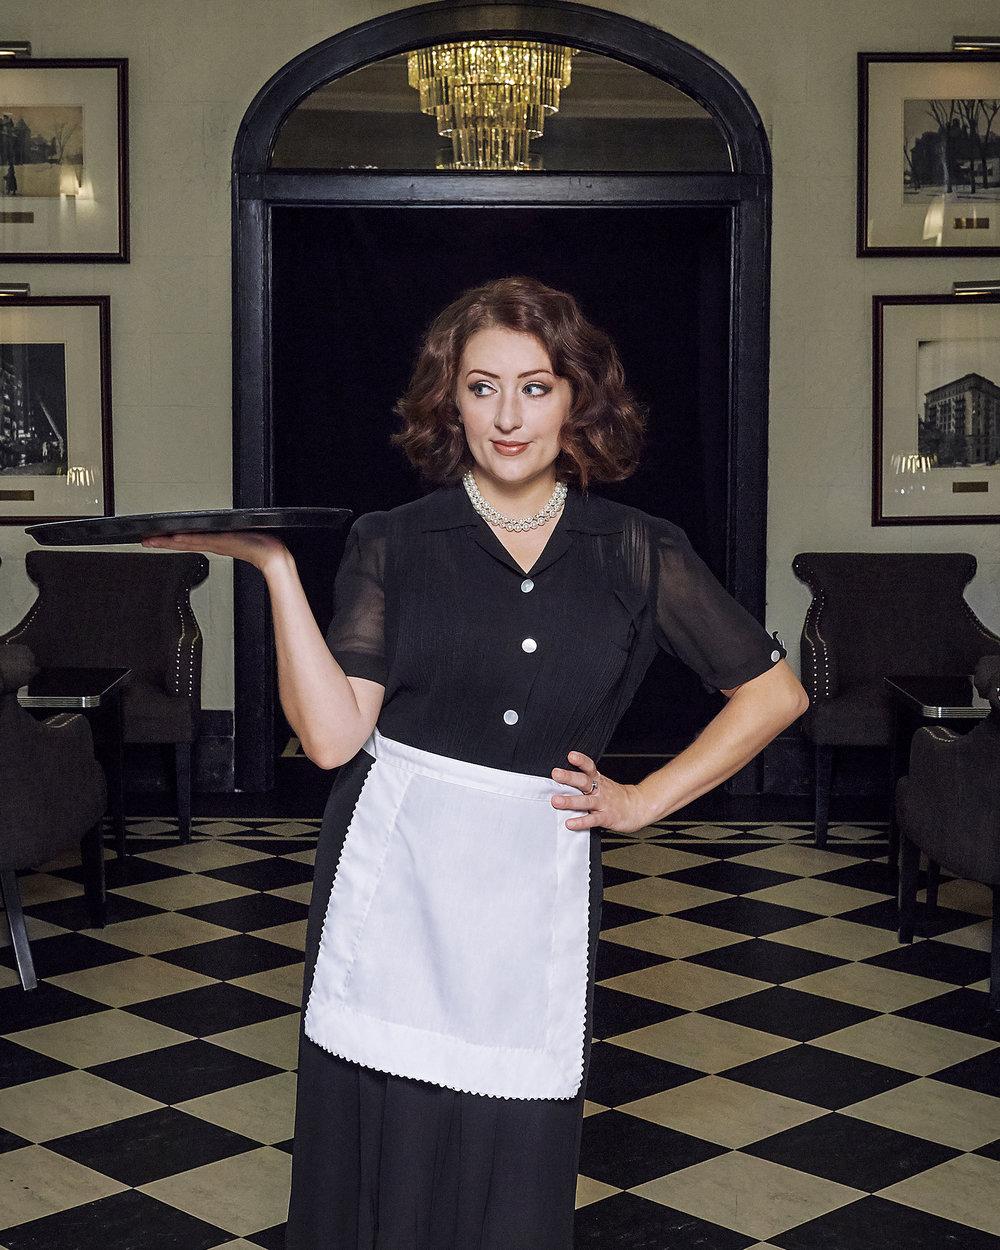 Sassy waitress